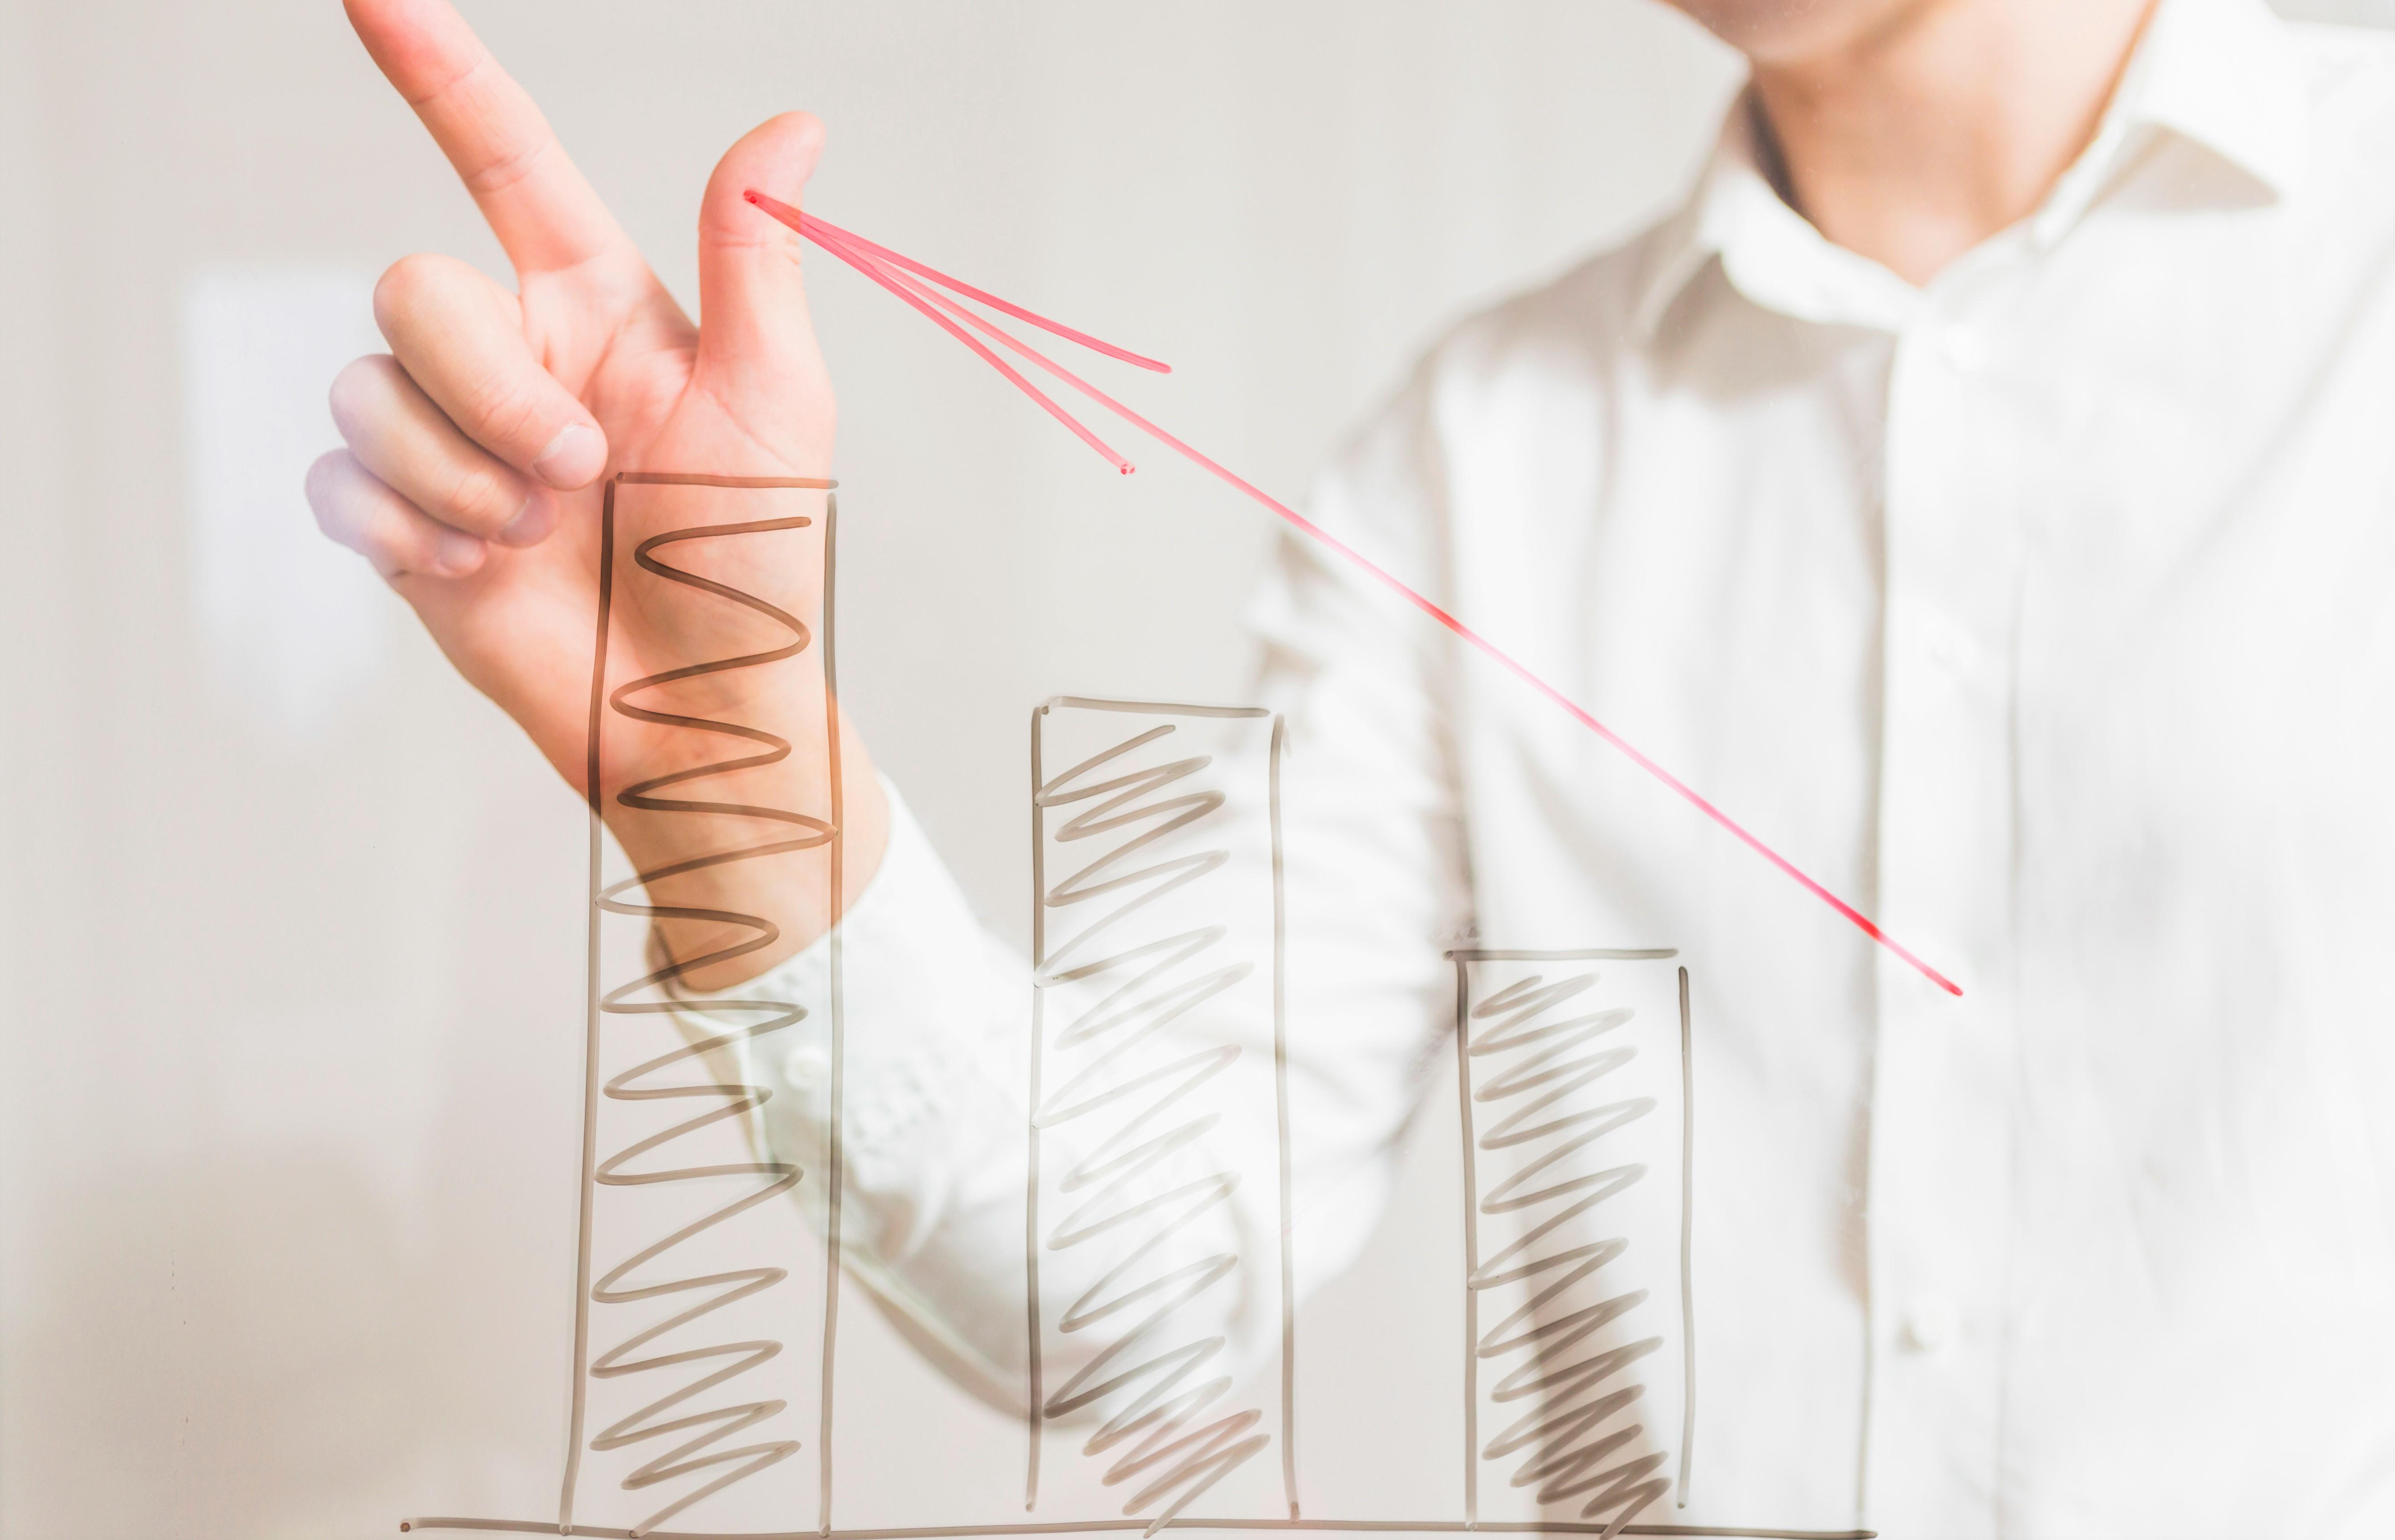 ¿Eres dueño de una pyme? ¡Entérate los pasos necesarios para ser una pequeña empresa!